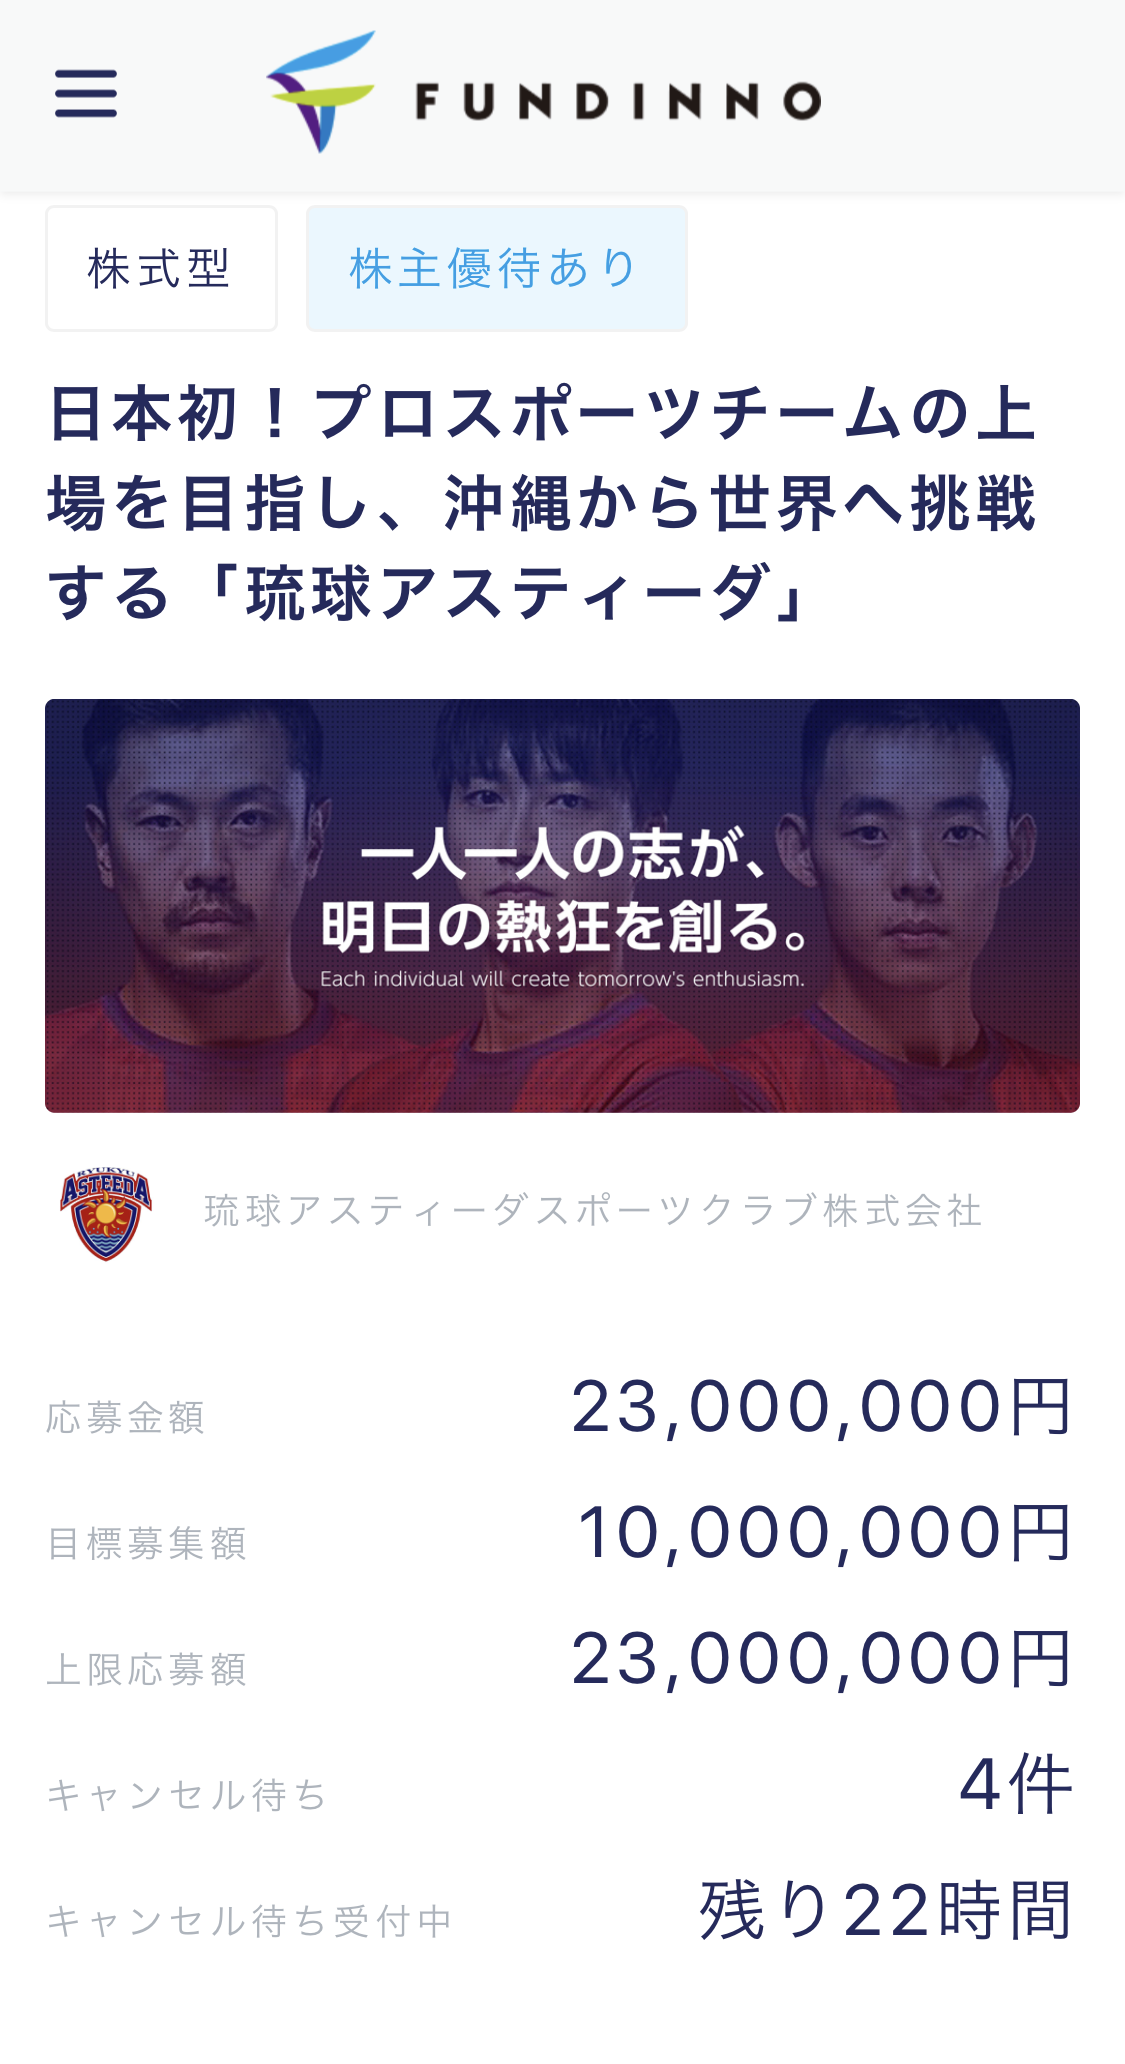 琉球アスティーダスポーツクラブ株式会社 FUNDINNOのサイト